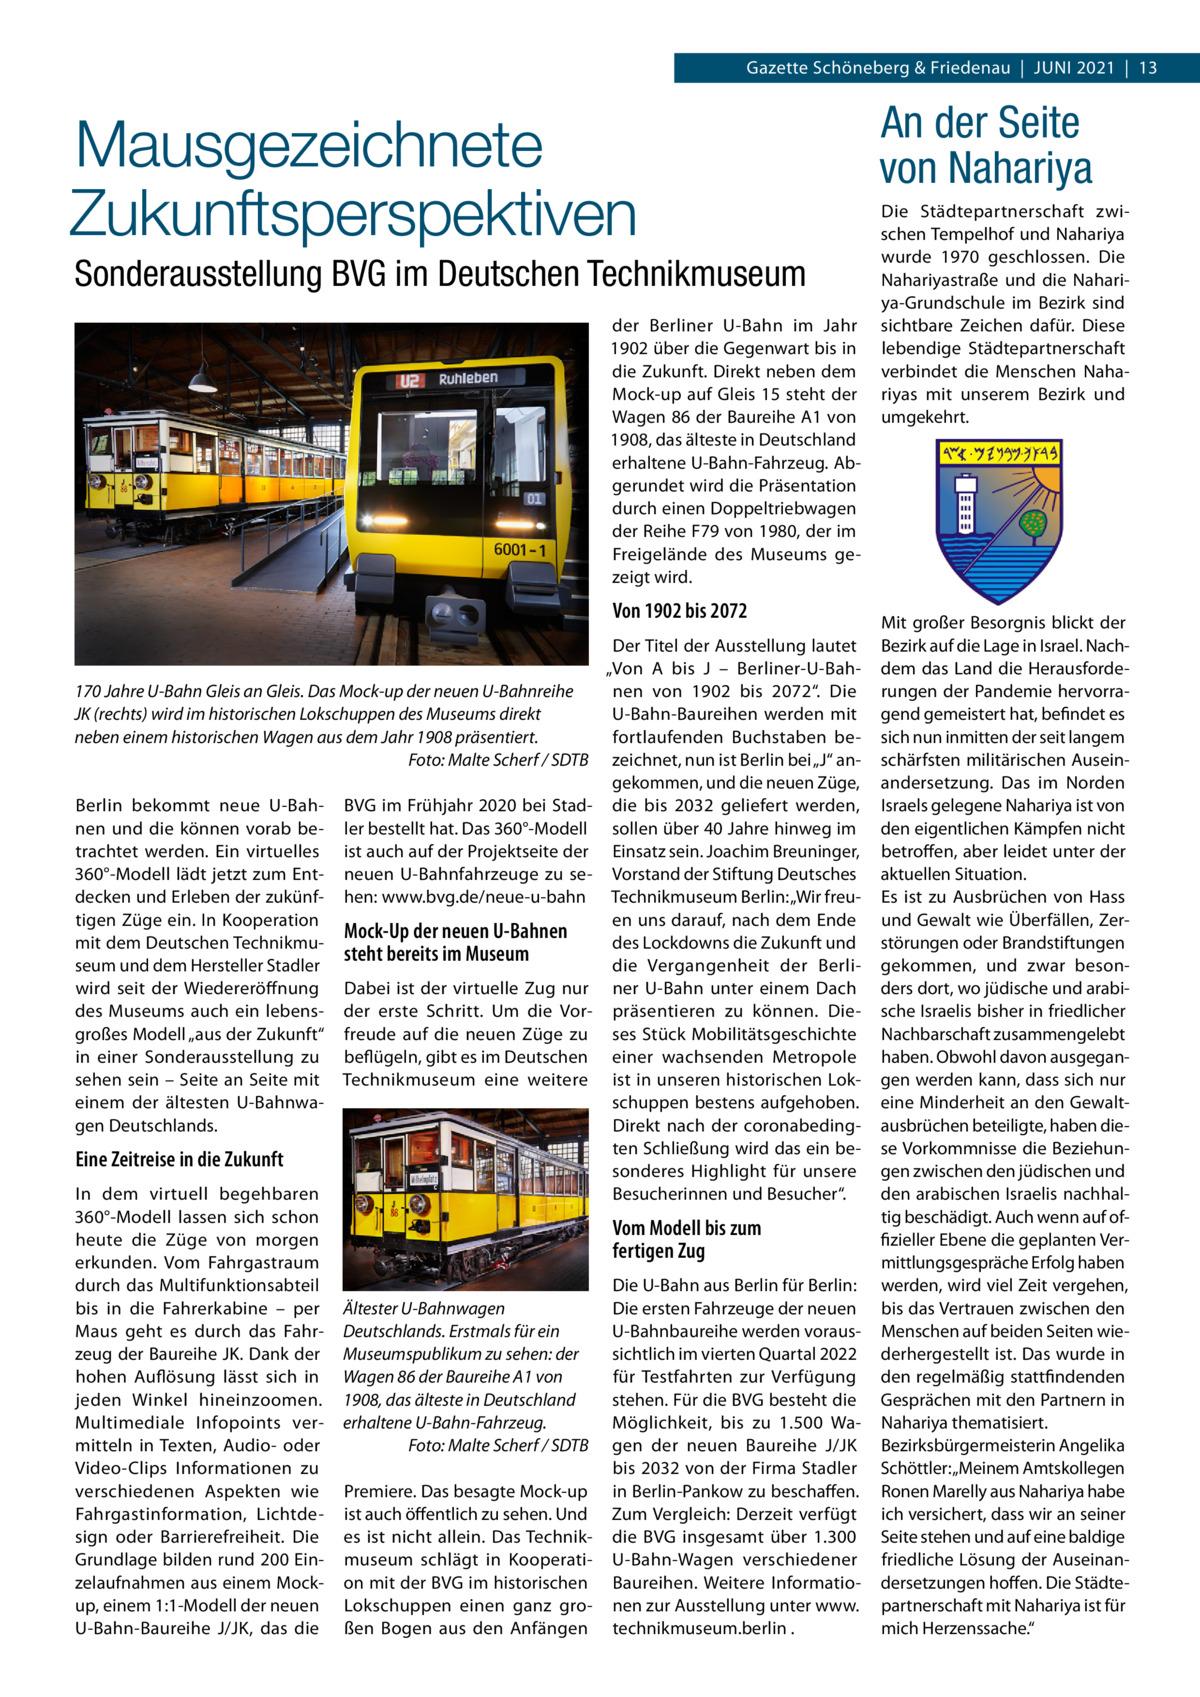 """Gazette Schöneberg & Friedenau Juni 2021 13  Mausgezeichnete Zukunftsperspektiven Sonderausstellung BVG im Deutschen Technikmuseum der Berliner U-Bahn im Jahr 1902 über die Gegenwart bis in die Zukunft. Direkt neben dem Mock-up auf Gleis15 steht der Wagen86 der BaureiheA1 von 1908, das älteste in Deutschland erhaltene U-Bahn-Fahrzeug. Abgerundet wird die Präsentation durch einen Doppeltriebwagen der ReiheF79 von 1980, der im Freigelände des Museums gezeigt wird.  Von 1902 bis 2072  170Jahre U-Bahn Gleis an Gleis. Das Mock-up der neuen U-Bahnreihe JK (rechts) wird im historischen Lokschuppen des Museums direkt neben einem historischen Wagen aus dem Jahr 1908 präsentiert. � Foto: Malte Scherf / SDTB Berlin bekommt neue U-Bahnen und die können vorab betrachtet werden. Ein virtuelles 360°-Modell lädt jetzt zum Entdecken und Erleben der zukünftigen Züge ein. In Kooperation mit dem Deutschen Technikmuseum und dem Hersteller Stadler wird seit der Wiedereröffnung des Museums auch ein lebensgroßes Modell """"aus der Zukunft"""" in einer Sonderausstellung zu sehen sein – Seite an Seite mit einem der ältesten U-Bahnwagen Deutschlands.  BVG im Frühjahr 2020 bei Stadler bestellt hat. Das 360°-Modell ist auch auf der Projektseite der neuen U-Bahnfahrzeuge zu sehen: www.bvg.de/neue-u-bahn  Mock-Up der neuen U-Bahnen steht bereits im Museum Dabei ist der virtuelle Zug nur der erste Schritt. Um die Vorfreude auf die neuen Züge zu beflügeln, gibt es im Deutschen Technikmuseum eine weitere  Eine Zeitreise in die Zukunft In dem virtuell begehbaren 360°-Modell lassen sich schon heute die Züge von morgen erkunden. Vom Fahrgastraum durch das Multifunktionsabteil bis in die Fahrerkabine – per Maus geht es durch das Fahrzeug der Baureihe JK. Dank der hohen Auflösung lässt sich in jeden Winkel hineinzoomen. Multimediale Infopoints vermitteln in Texten, Audio- oder Video-Clips Informationen zu verschiedenen Aspekten wie Fahrgastinformation, Lichtdesign oder Barrierefreiheit. Die Grundlage bilden ru"""